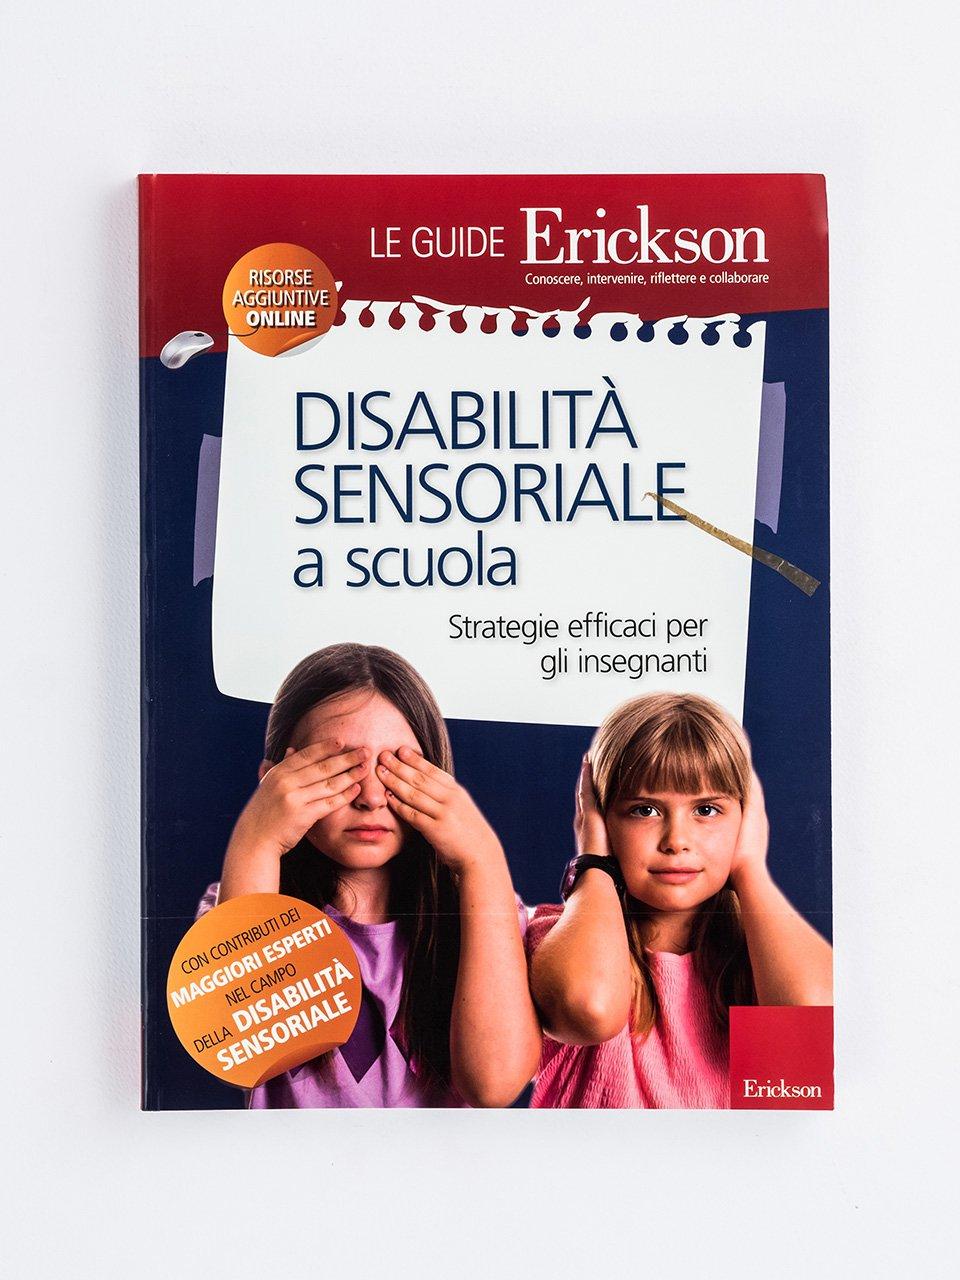 DISABILITÀ SENSORIALE a scuola - Test TINV - Intelligenza non verbale - Libri - Strumenti - Erickson